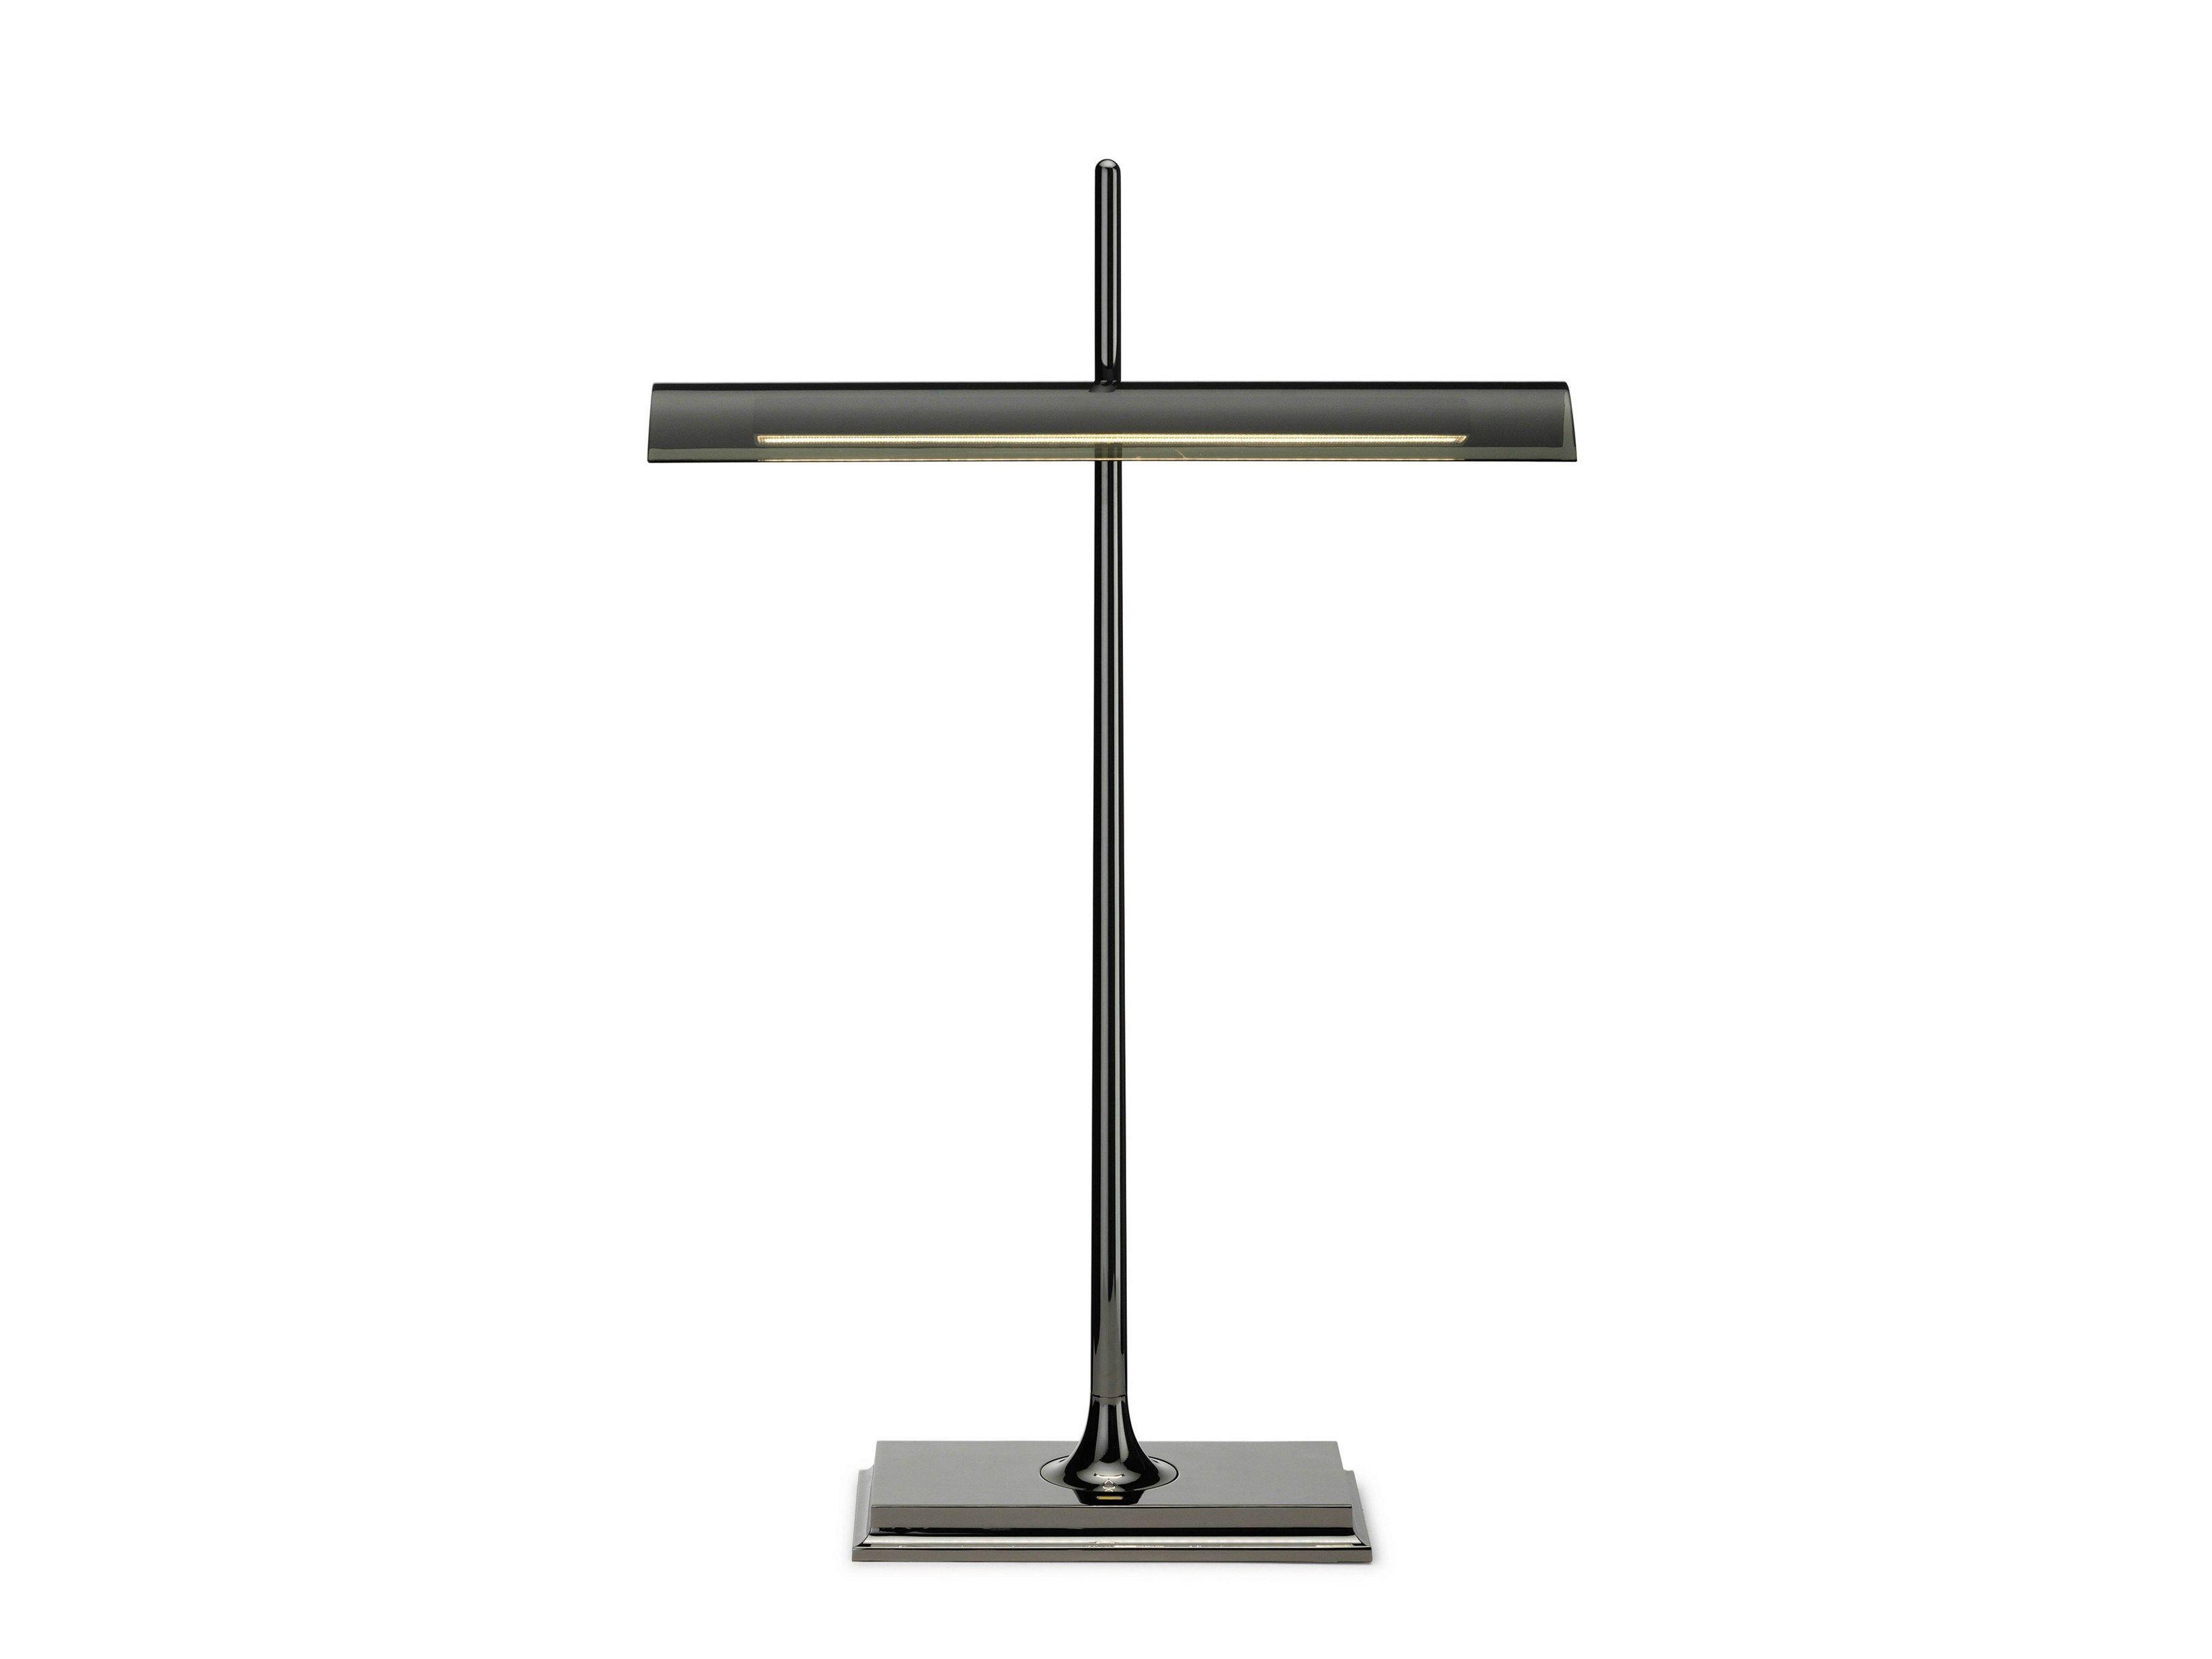 Lampada da tavolo a luce diretta in metacrilato goldman for Lampada da tavolo design flos